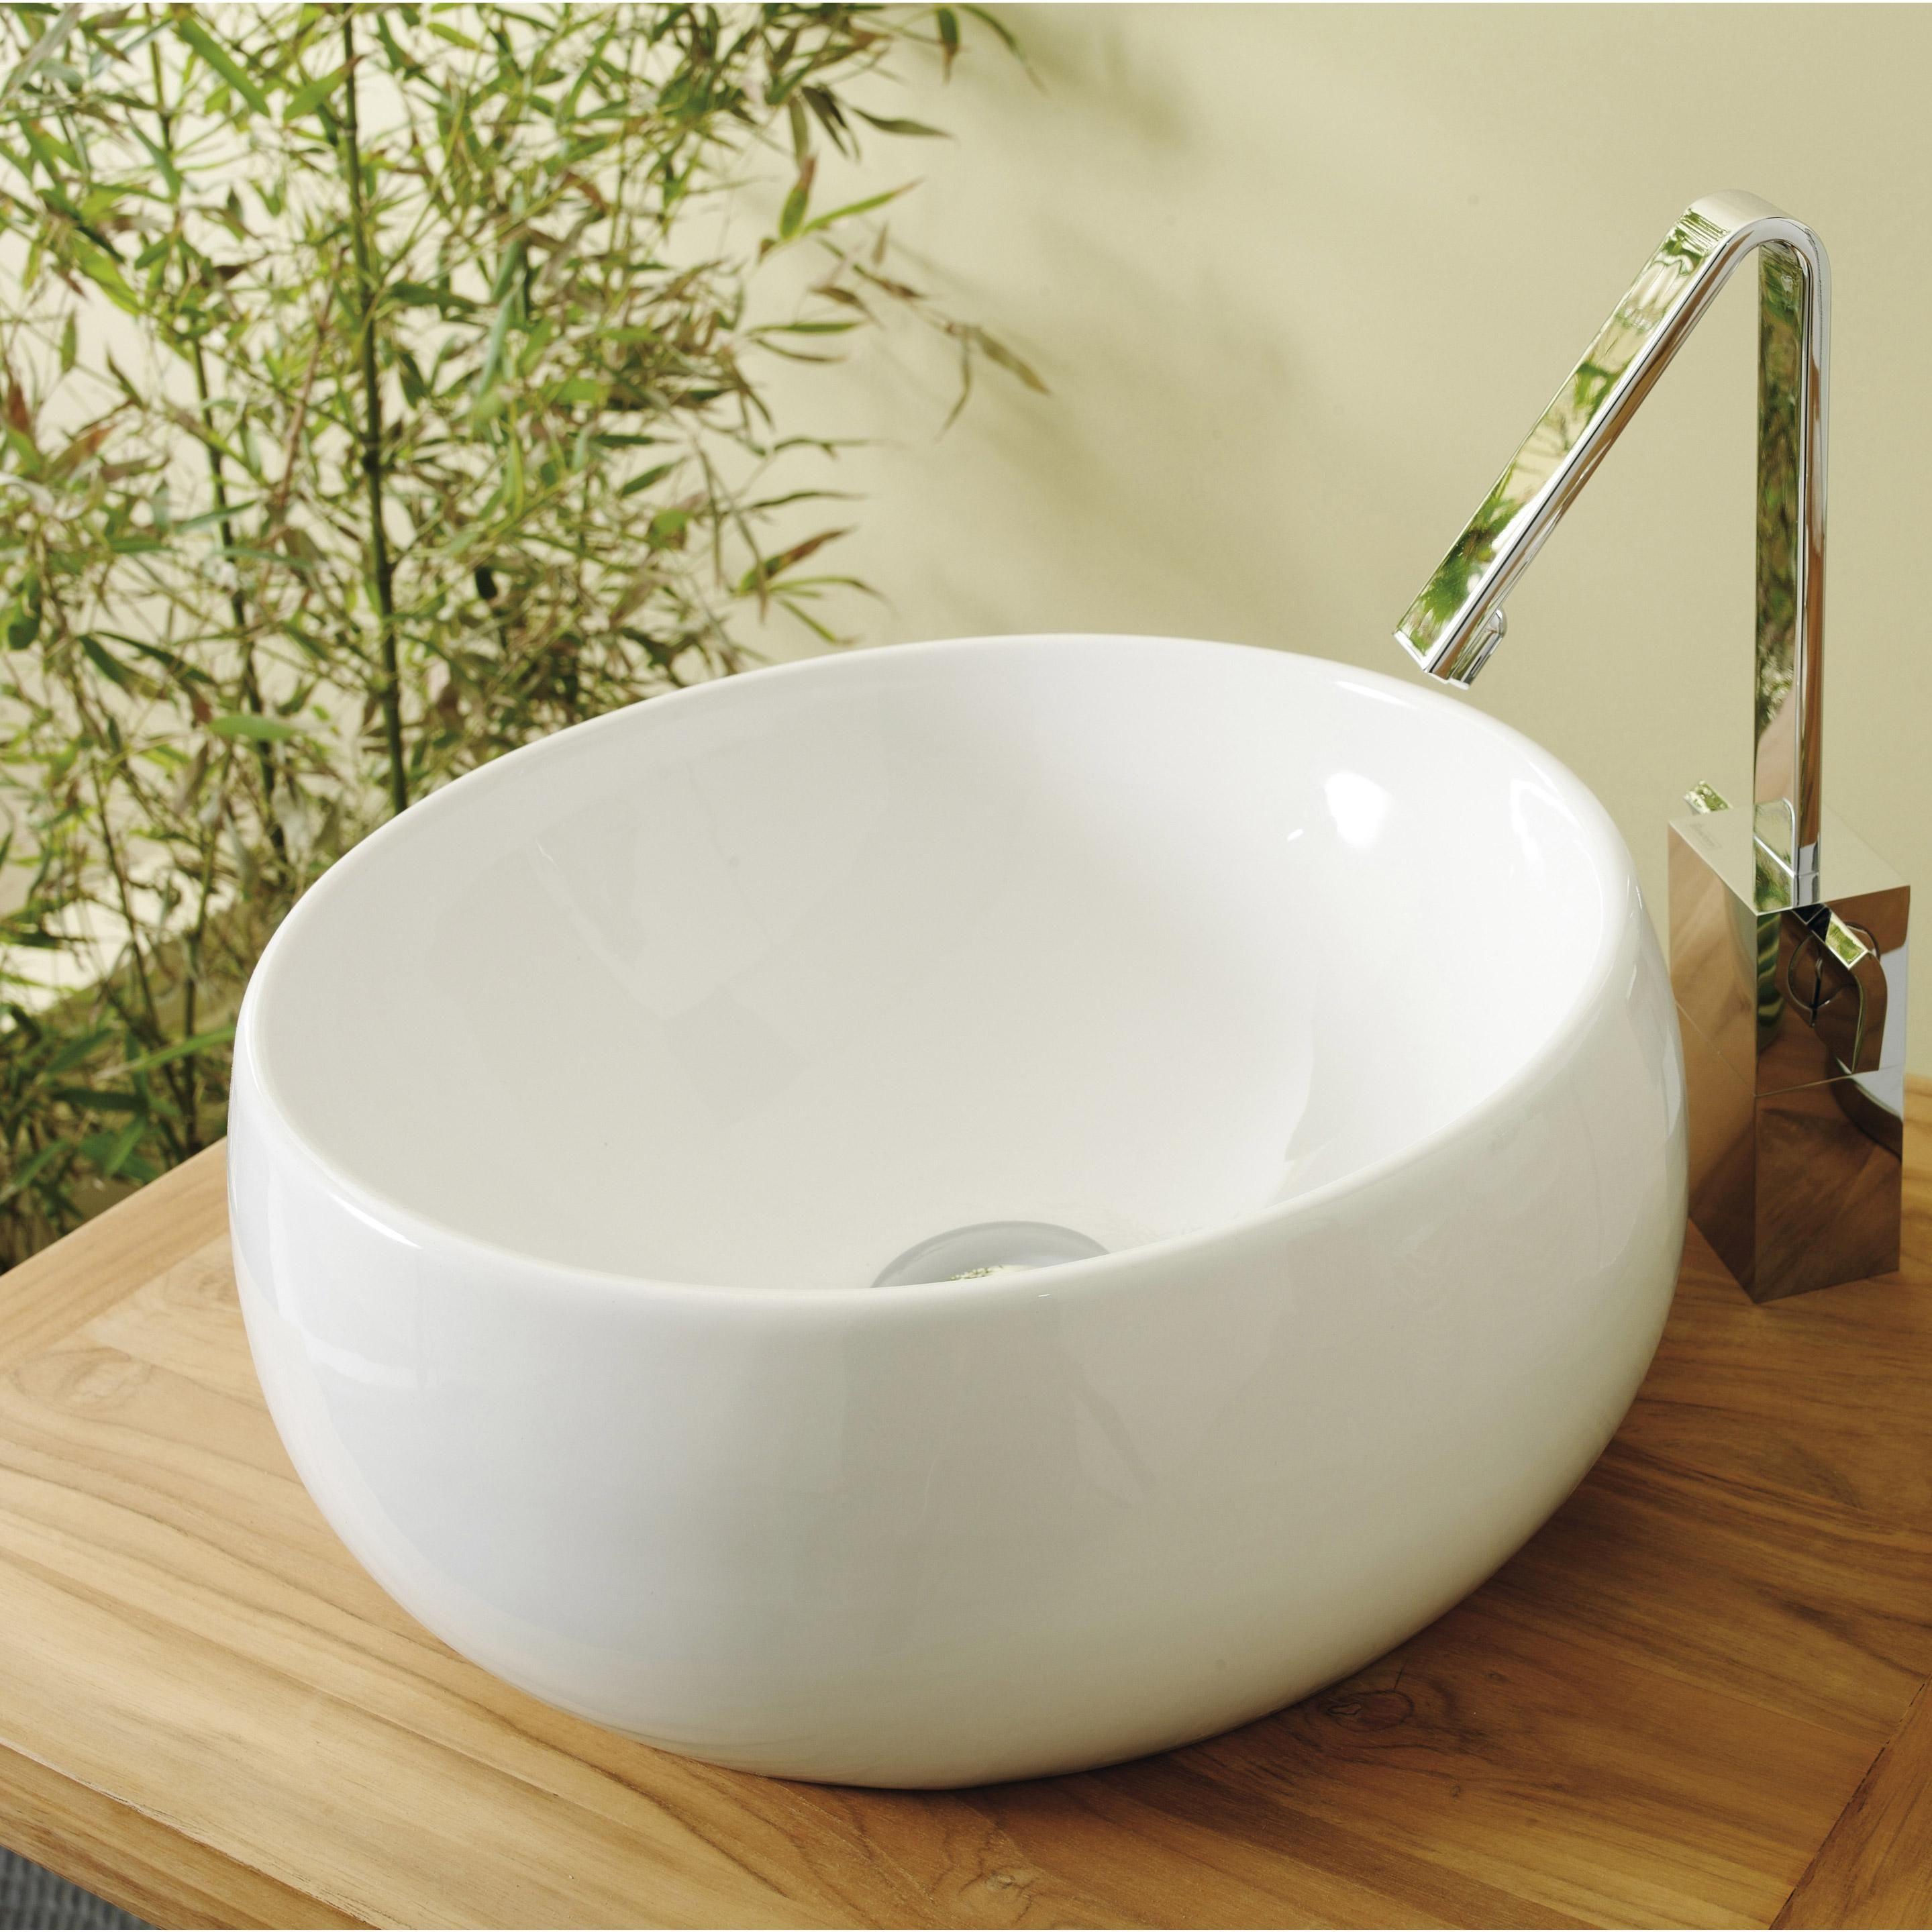 Vasque A Poser Ceramique Diam 38 Cm Blanc Lune Vasque A Poser Vasque Plan Vasque